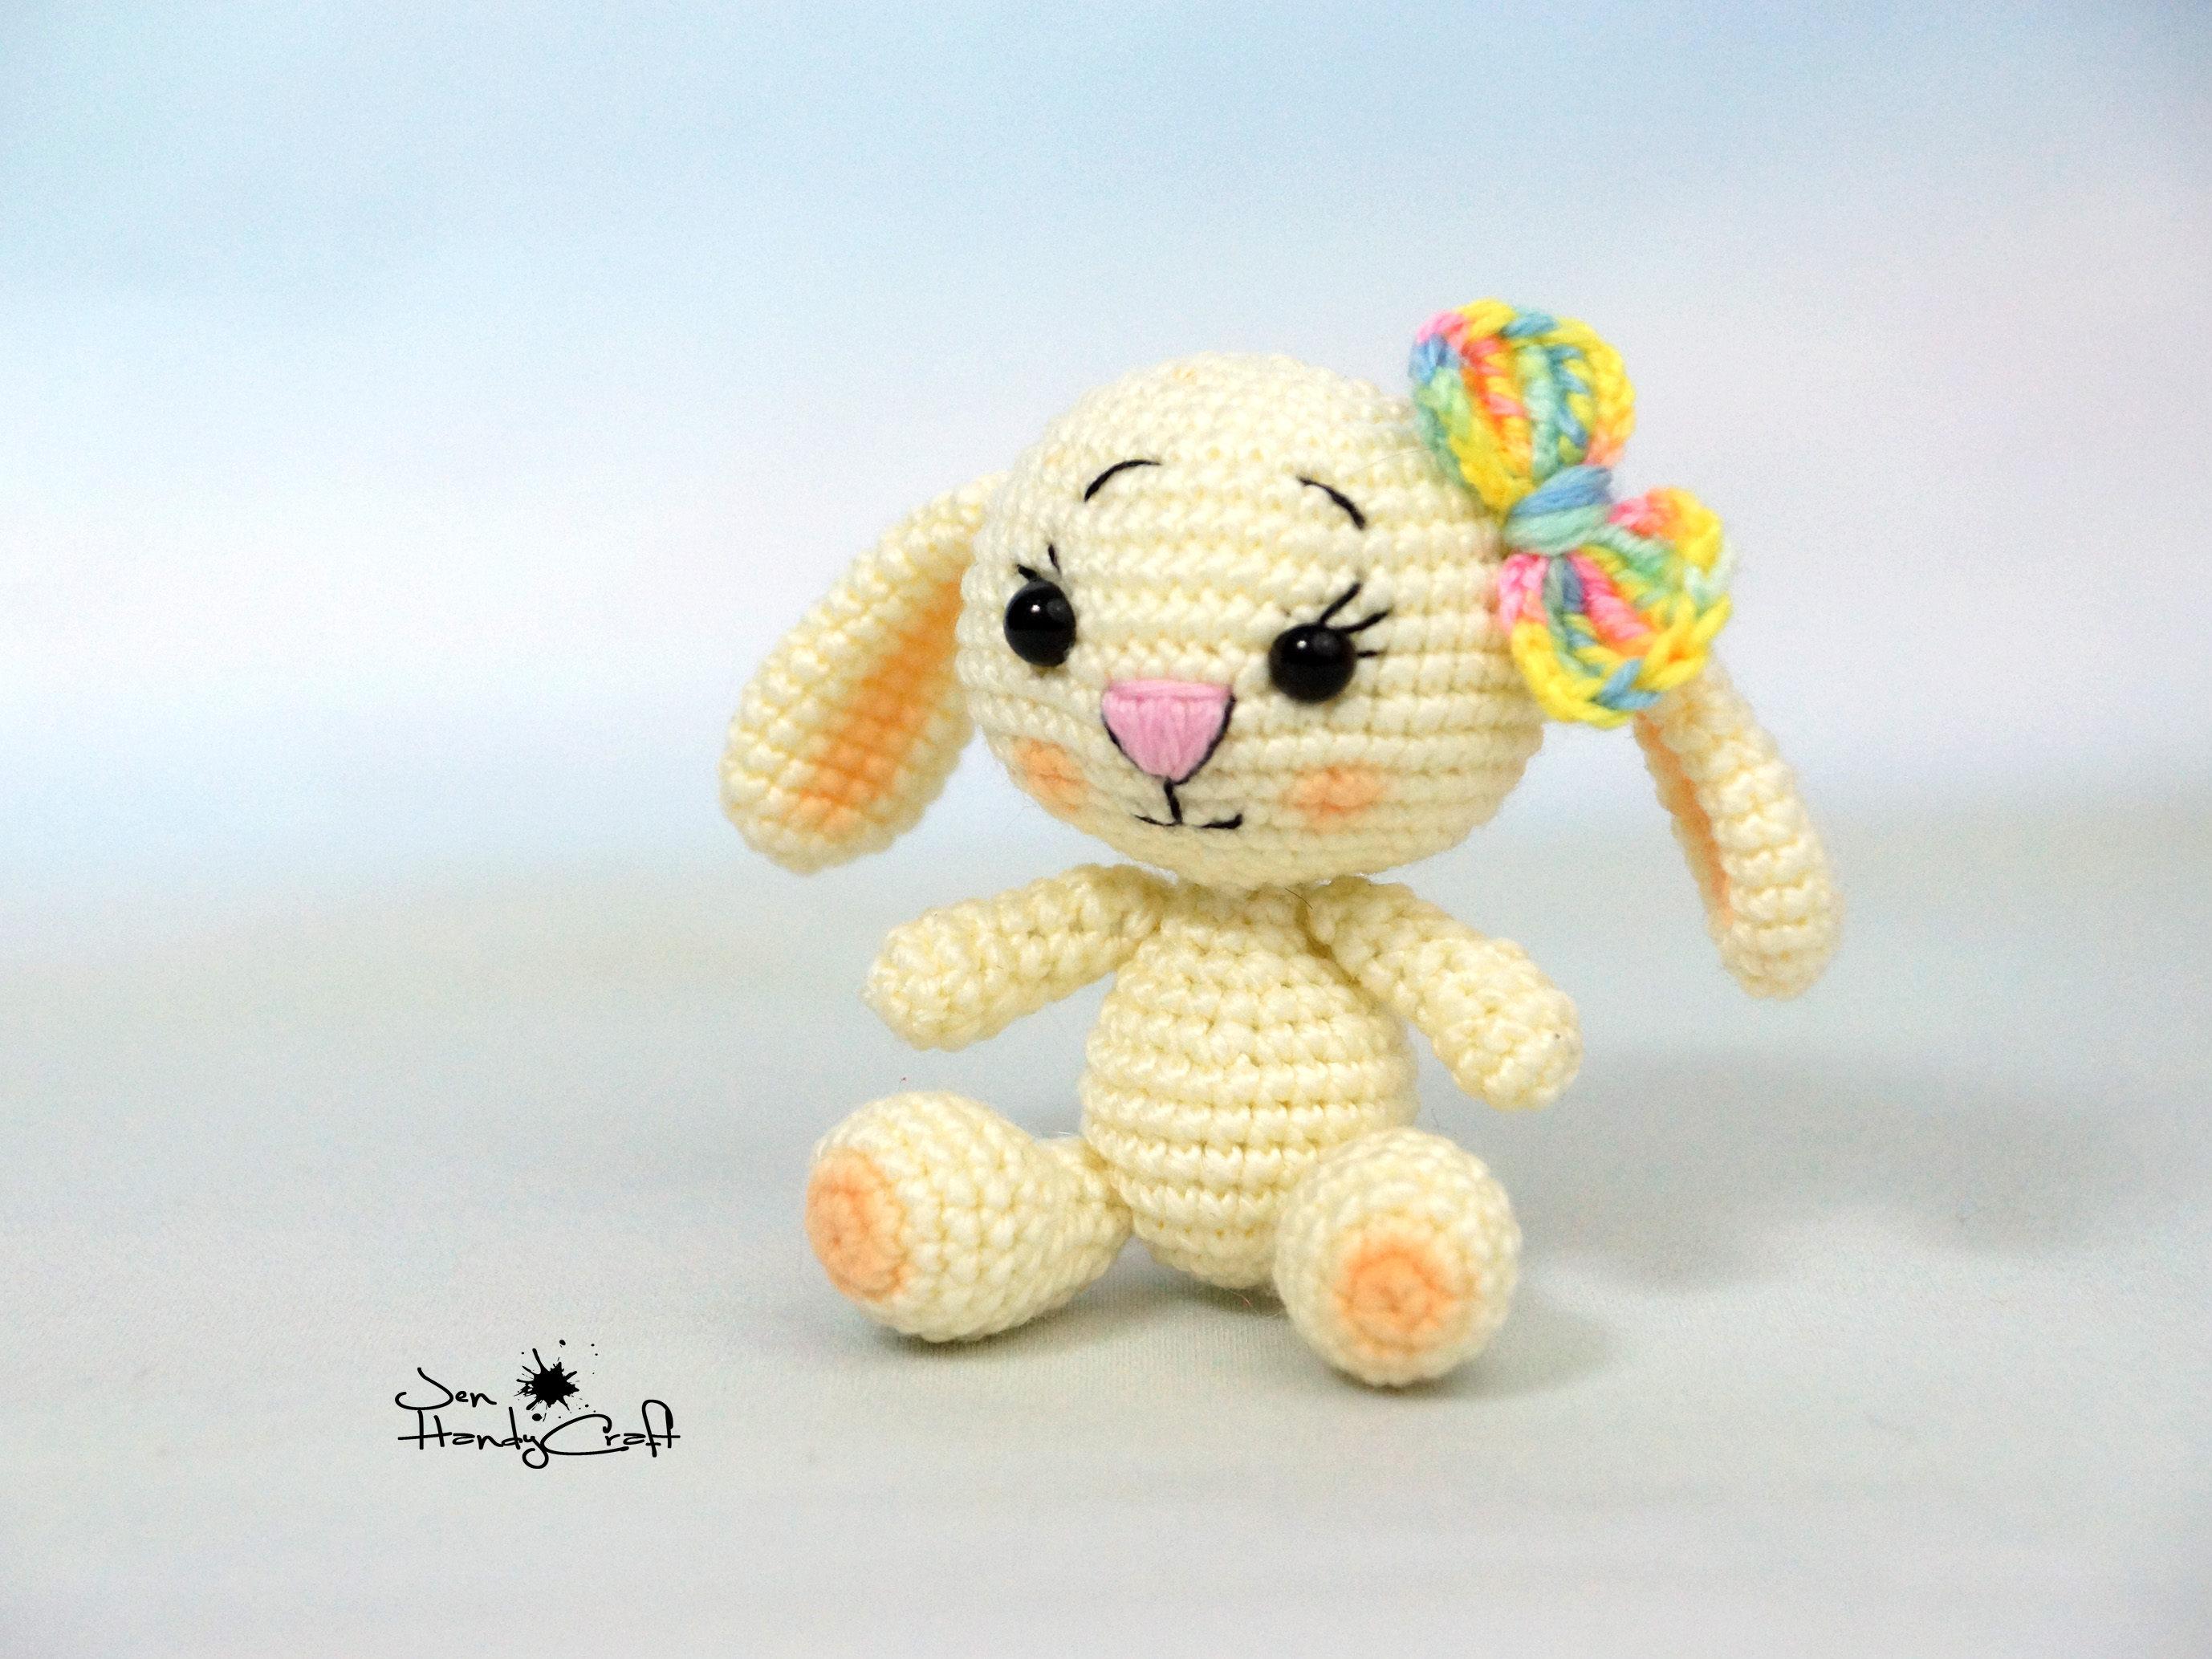 Plüsch Hase Kaninchen Freundin Geschenk für Mädchen Ostern | Etsy